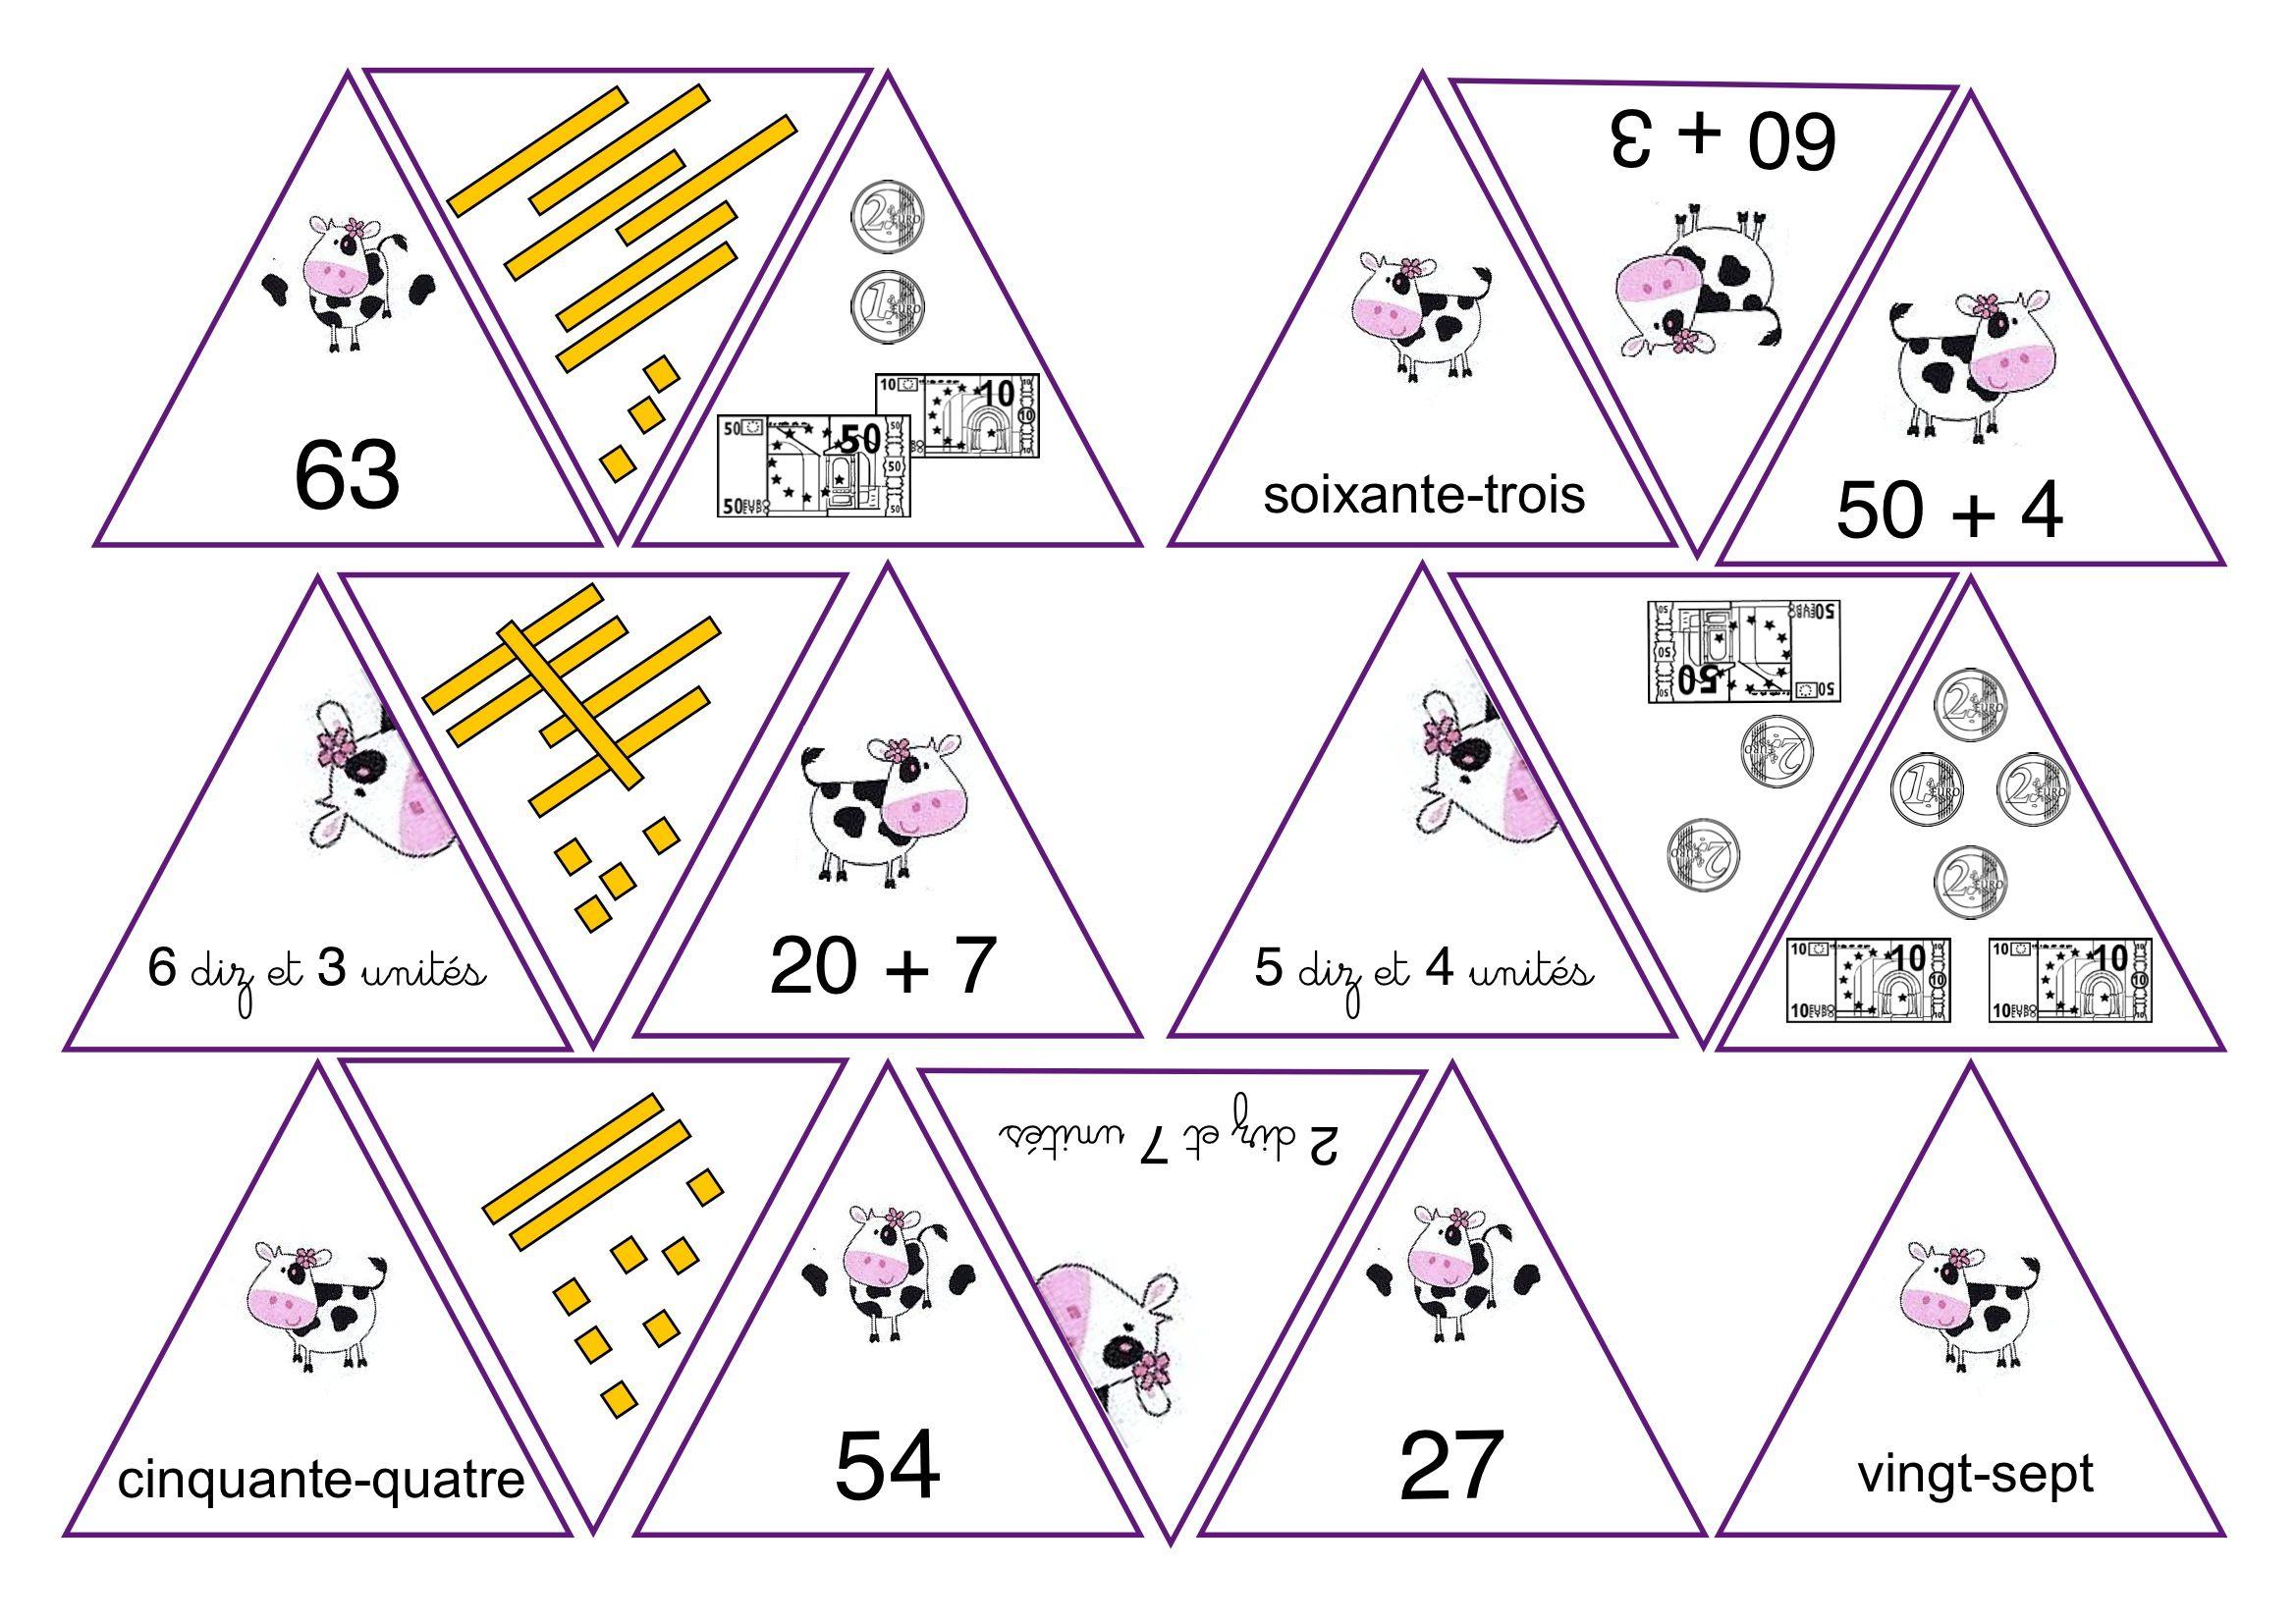 Tdltsxnrxrivy3Gspkpiyvxzrwk (2338×1653)   Picbille, Jeux pour Jeux De Matematique